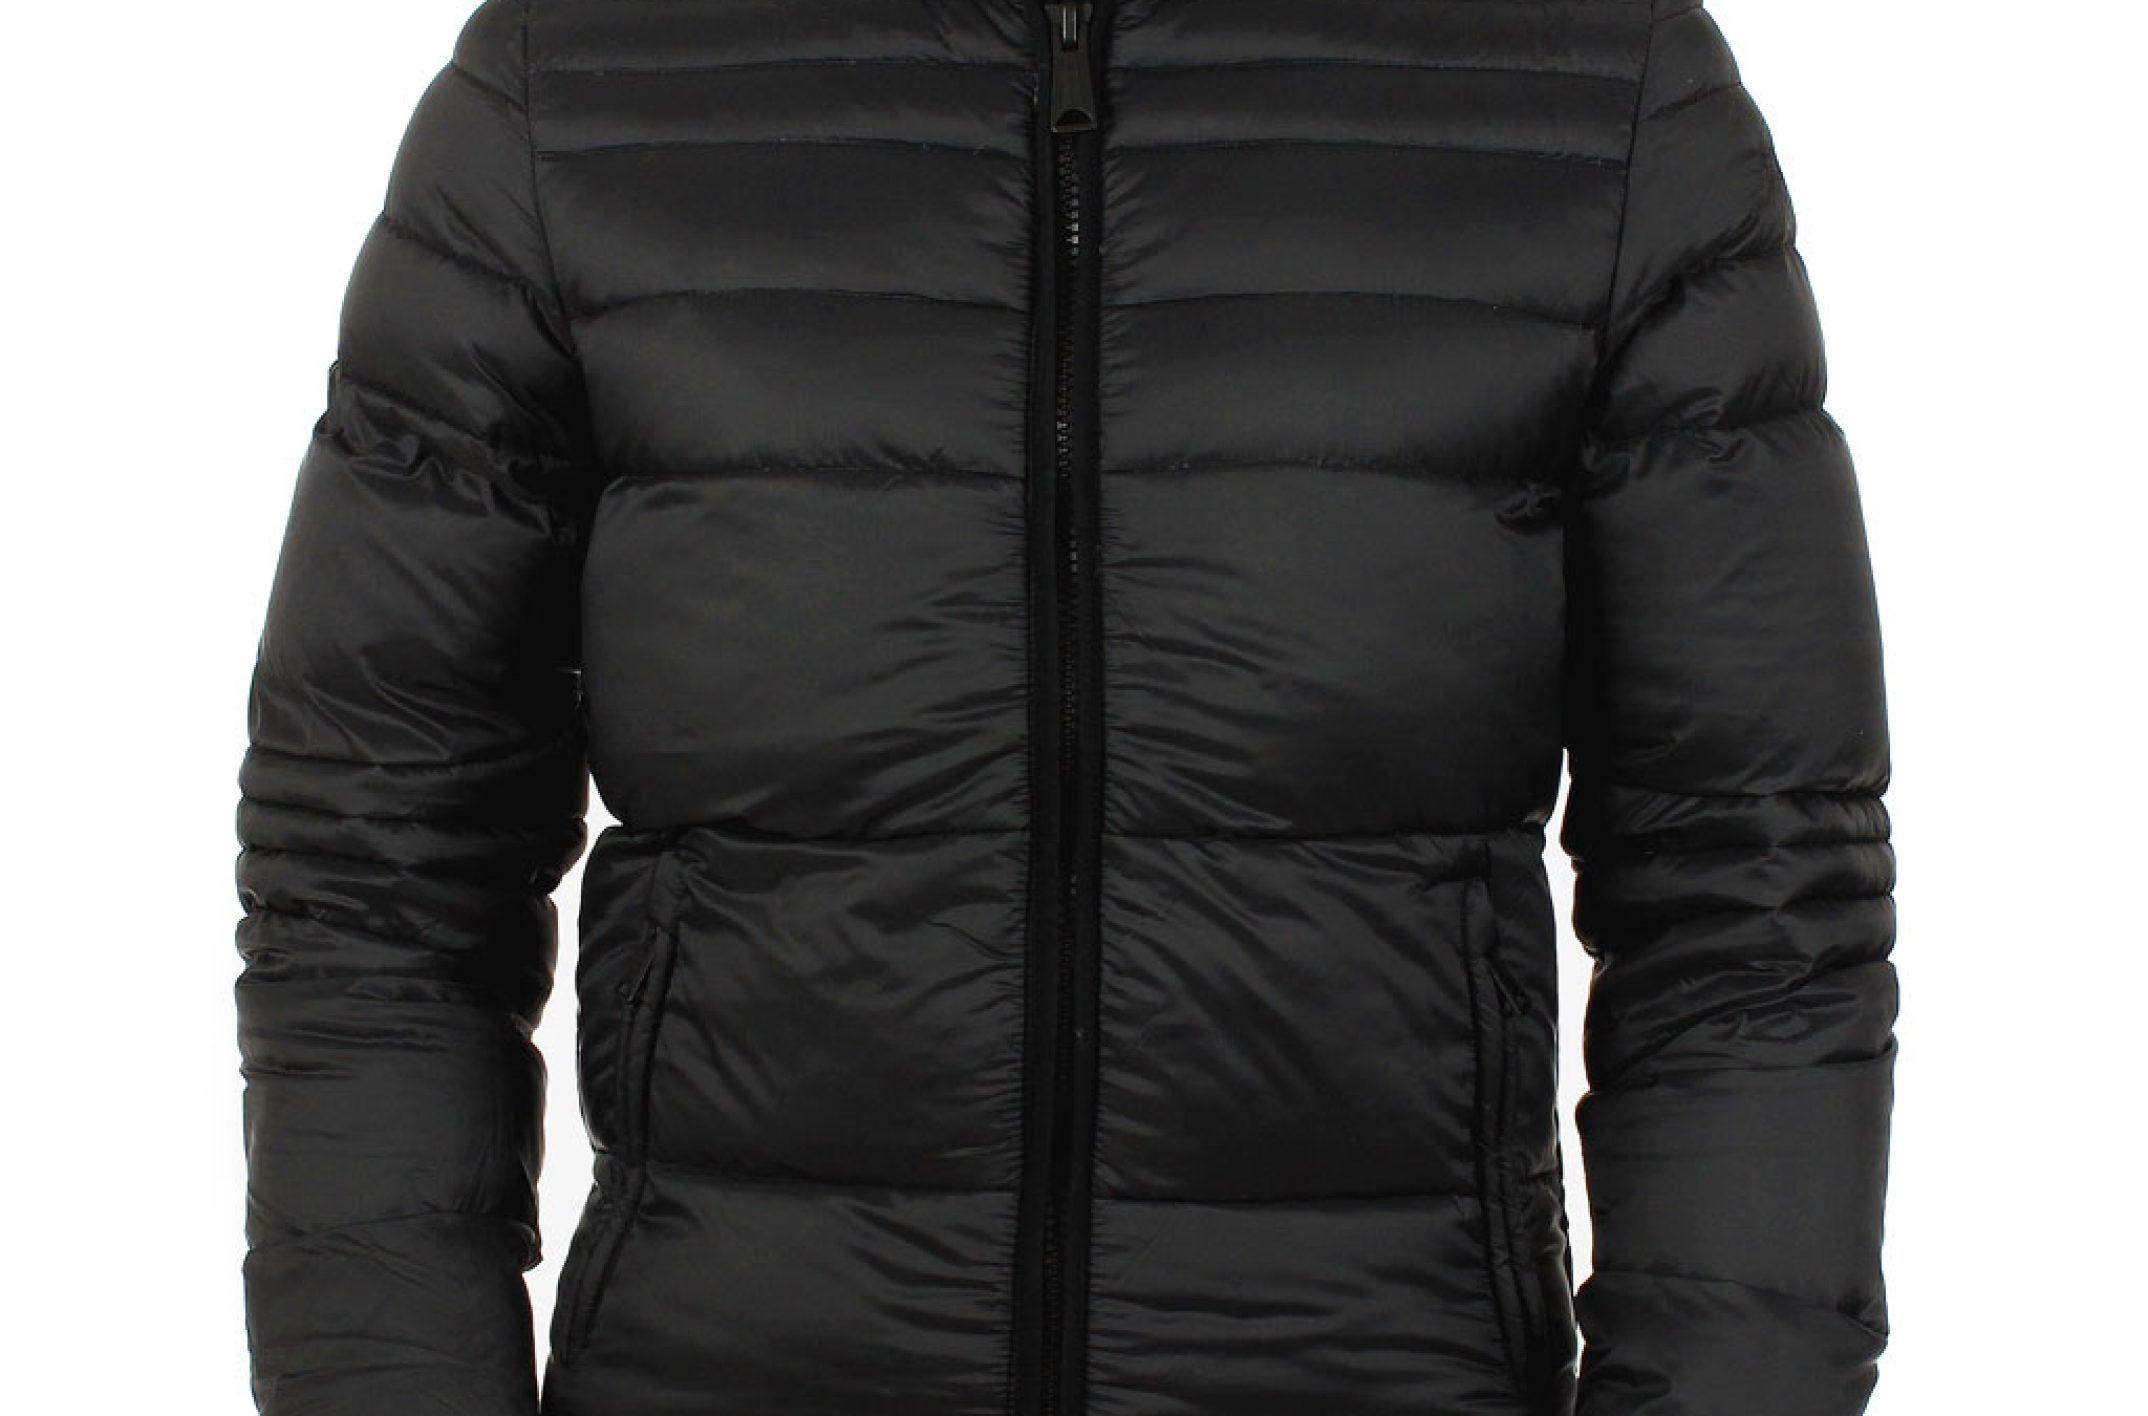 La veste cuir schott c'est le symbole du rebelle incarné par Marlon Brando